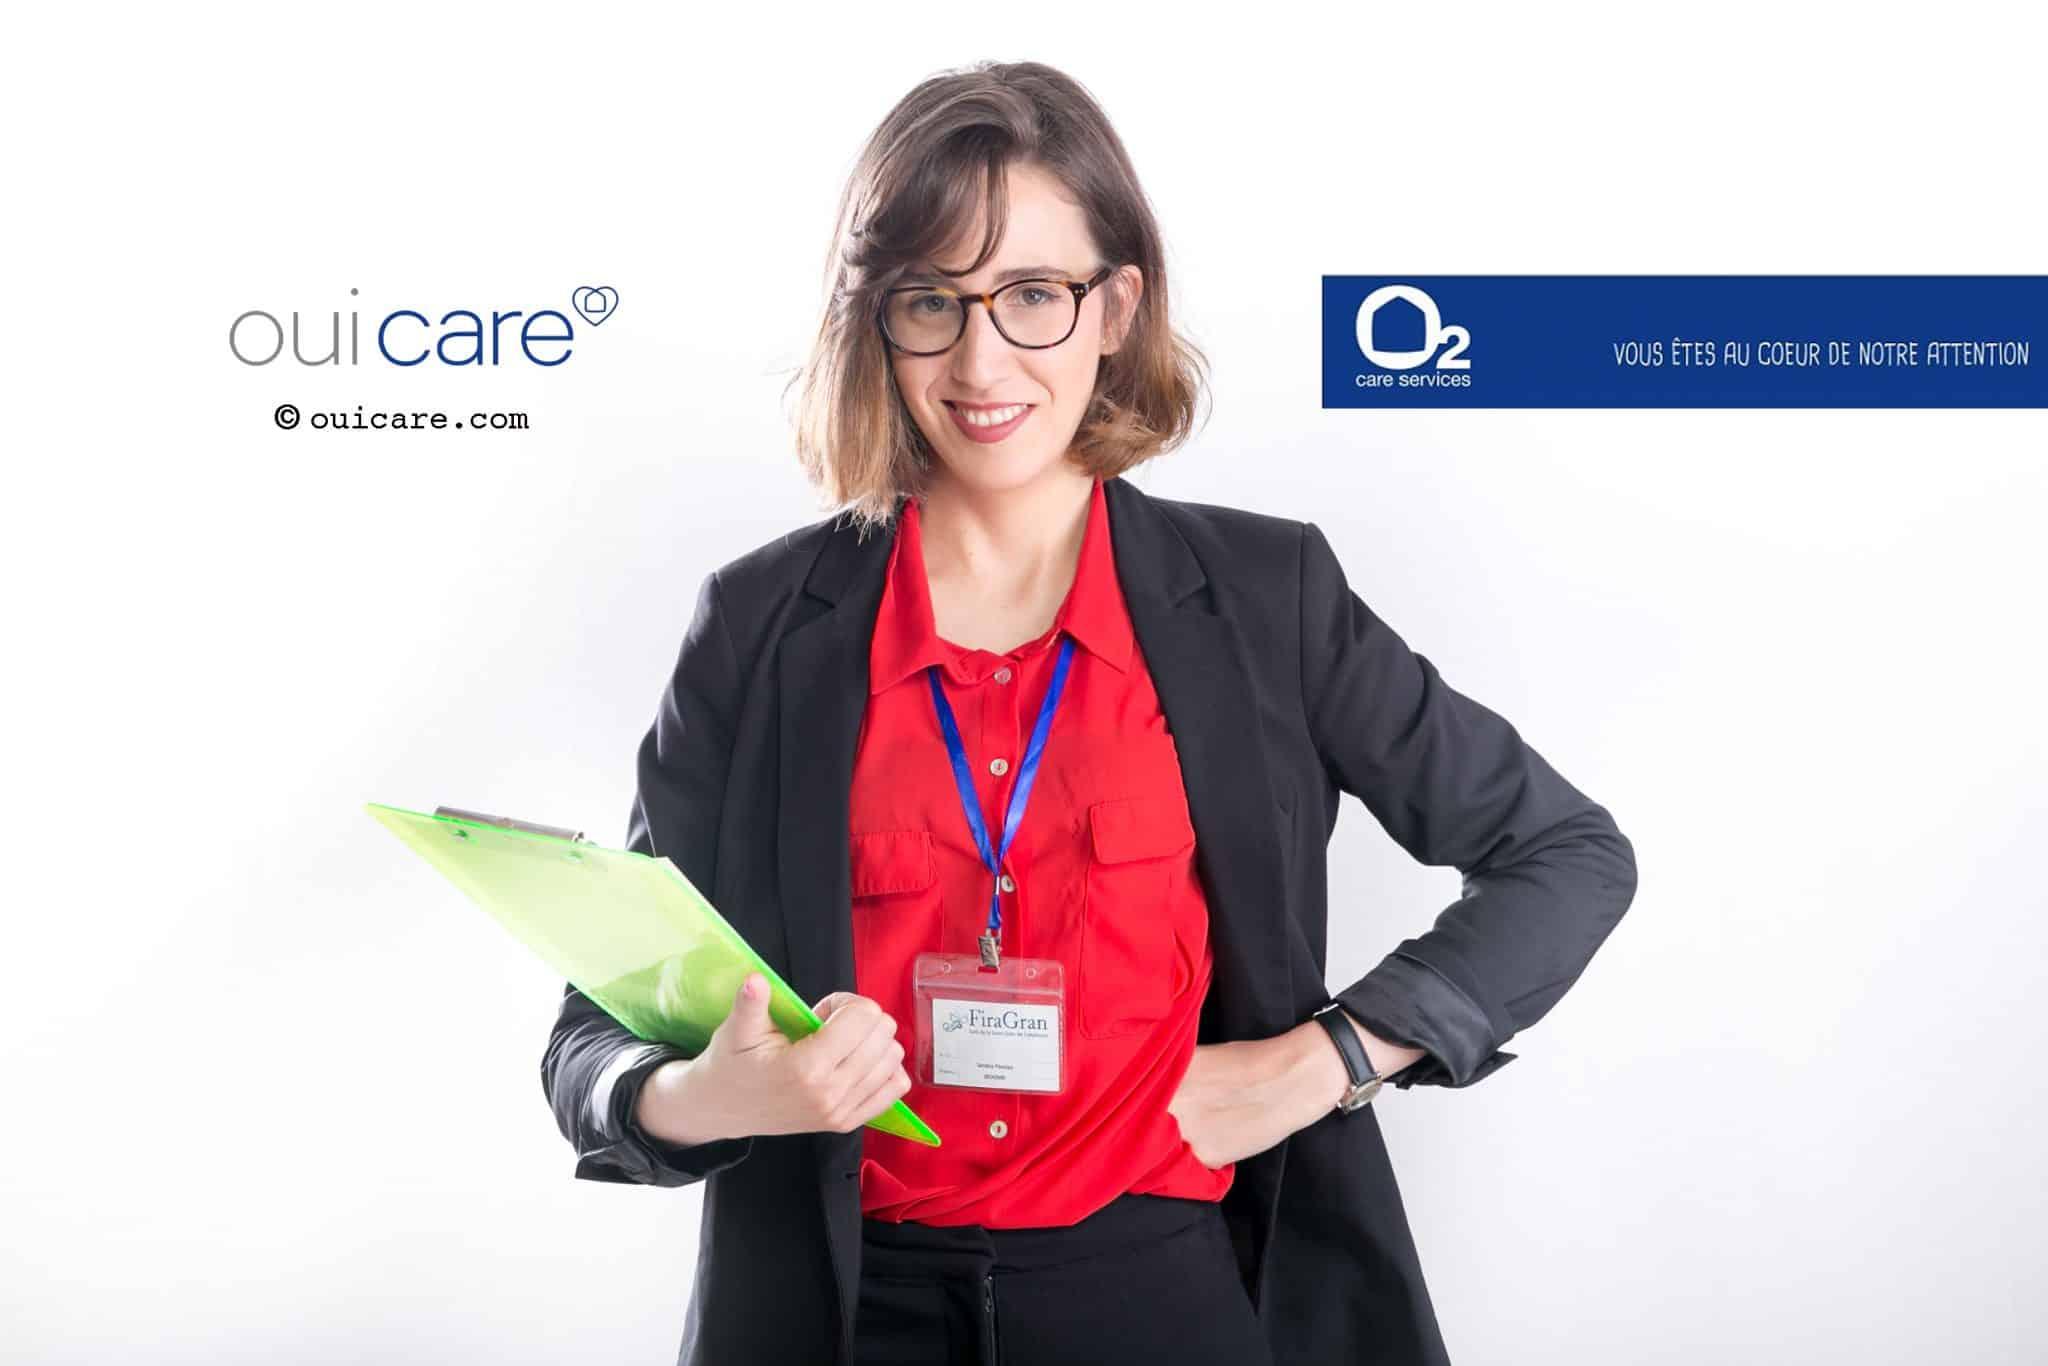 Oui Care – O2 Care Services adquirió Interdomicilio y ahora AssiDom | ¿Quién cuidará a nuestros padres en 2020?